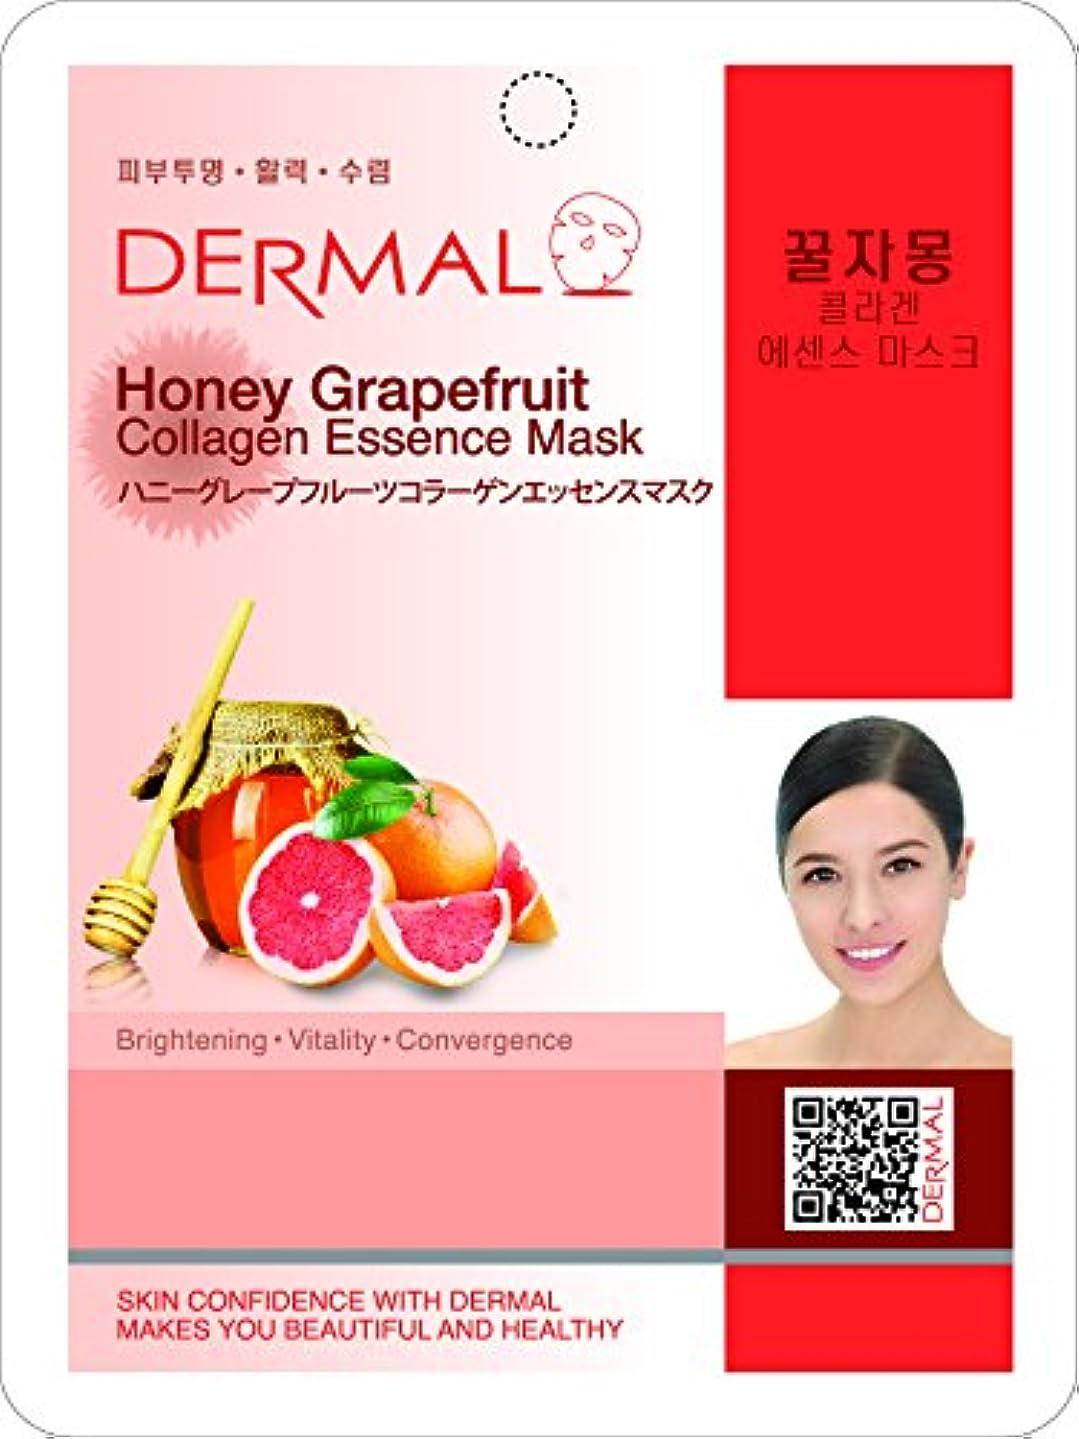 カブ呼ぶ未使用ハニーグレープフルーツシートマスク(フェイスパック) 10枚セット ダーマル(Dermal)